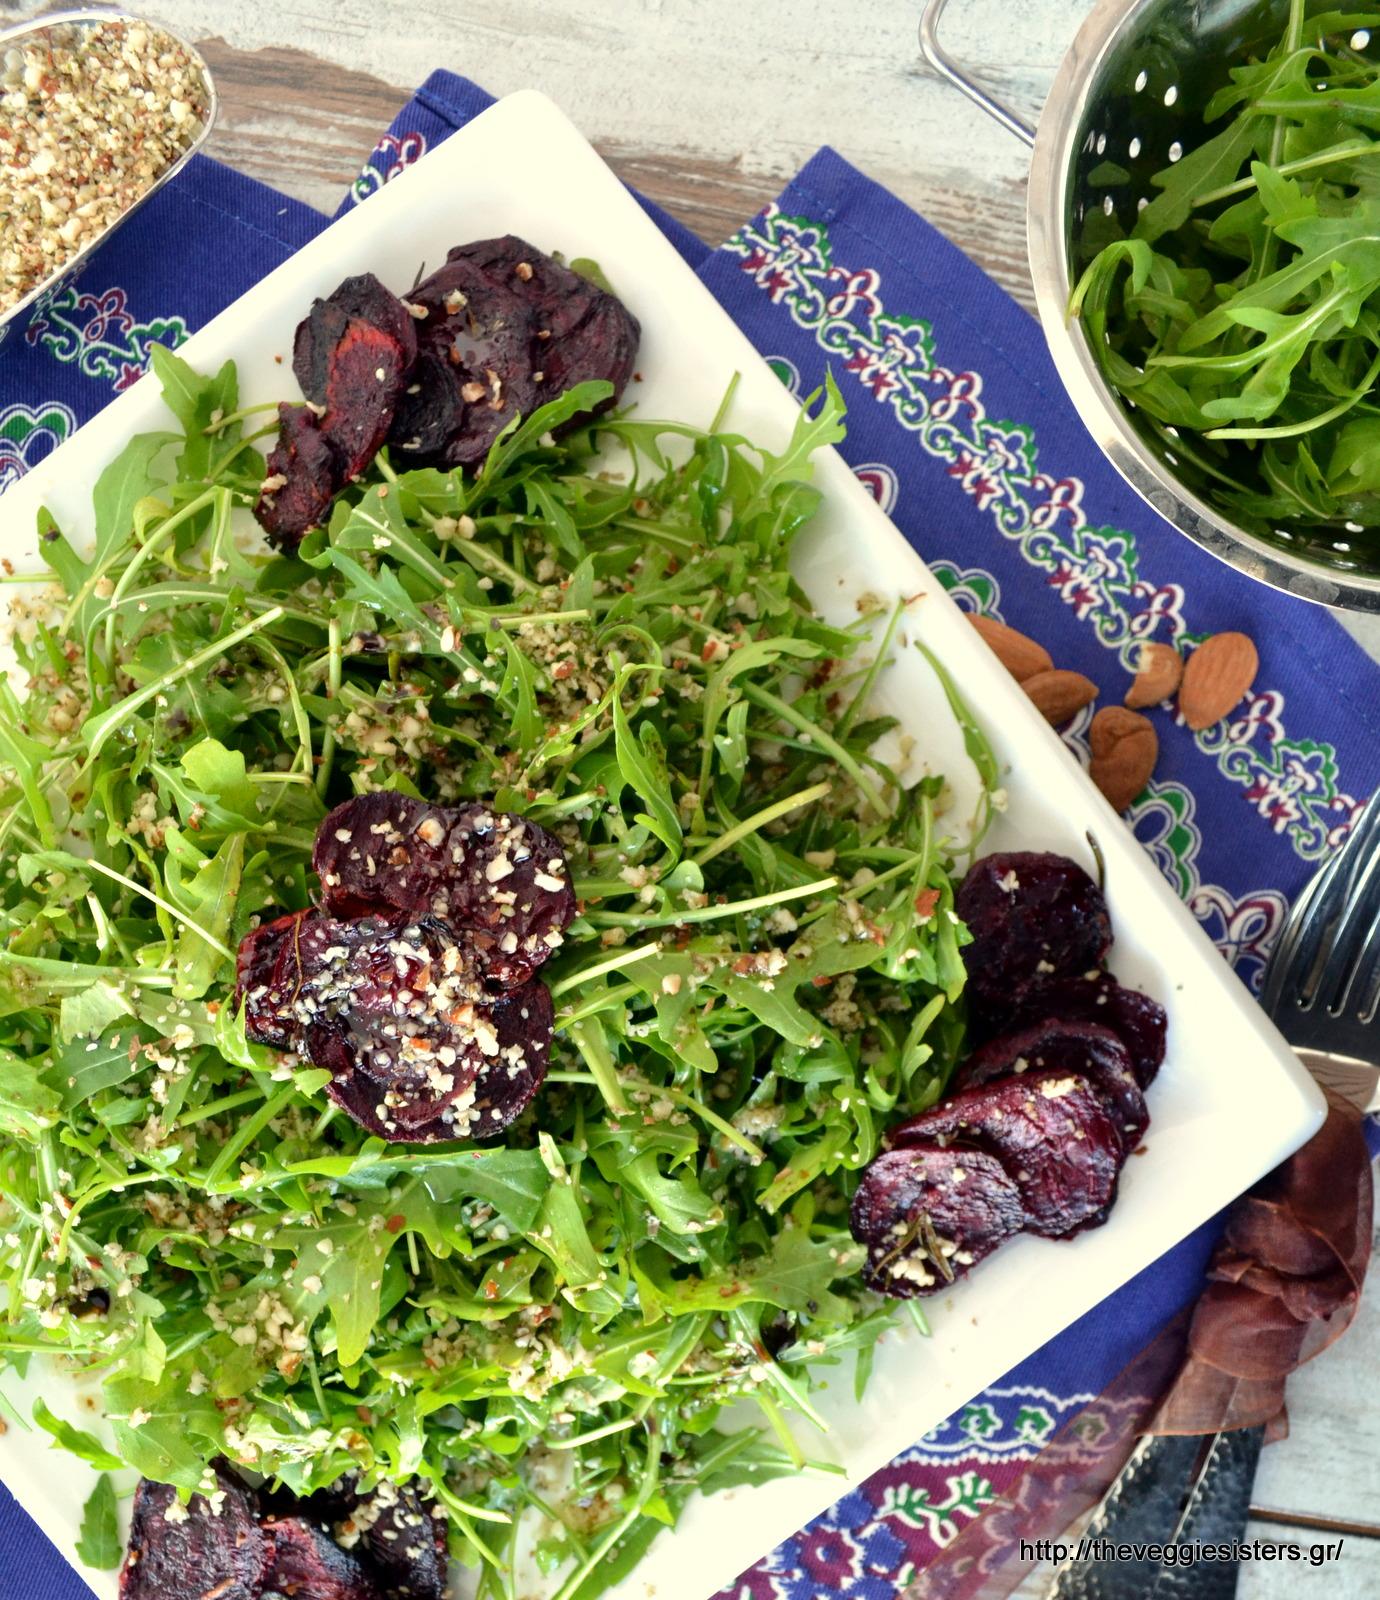 Πράσινη σαλάτα με ψητά παντζάρια κ αμύγδαλα - Green roasted beet almond salad